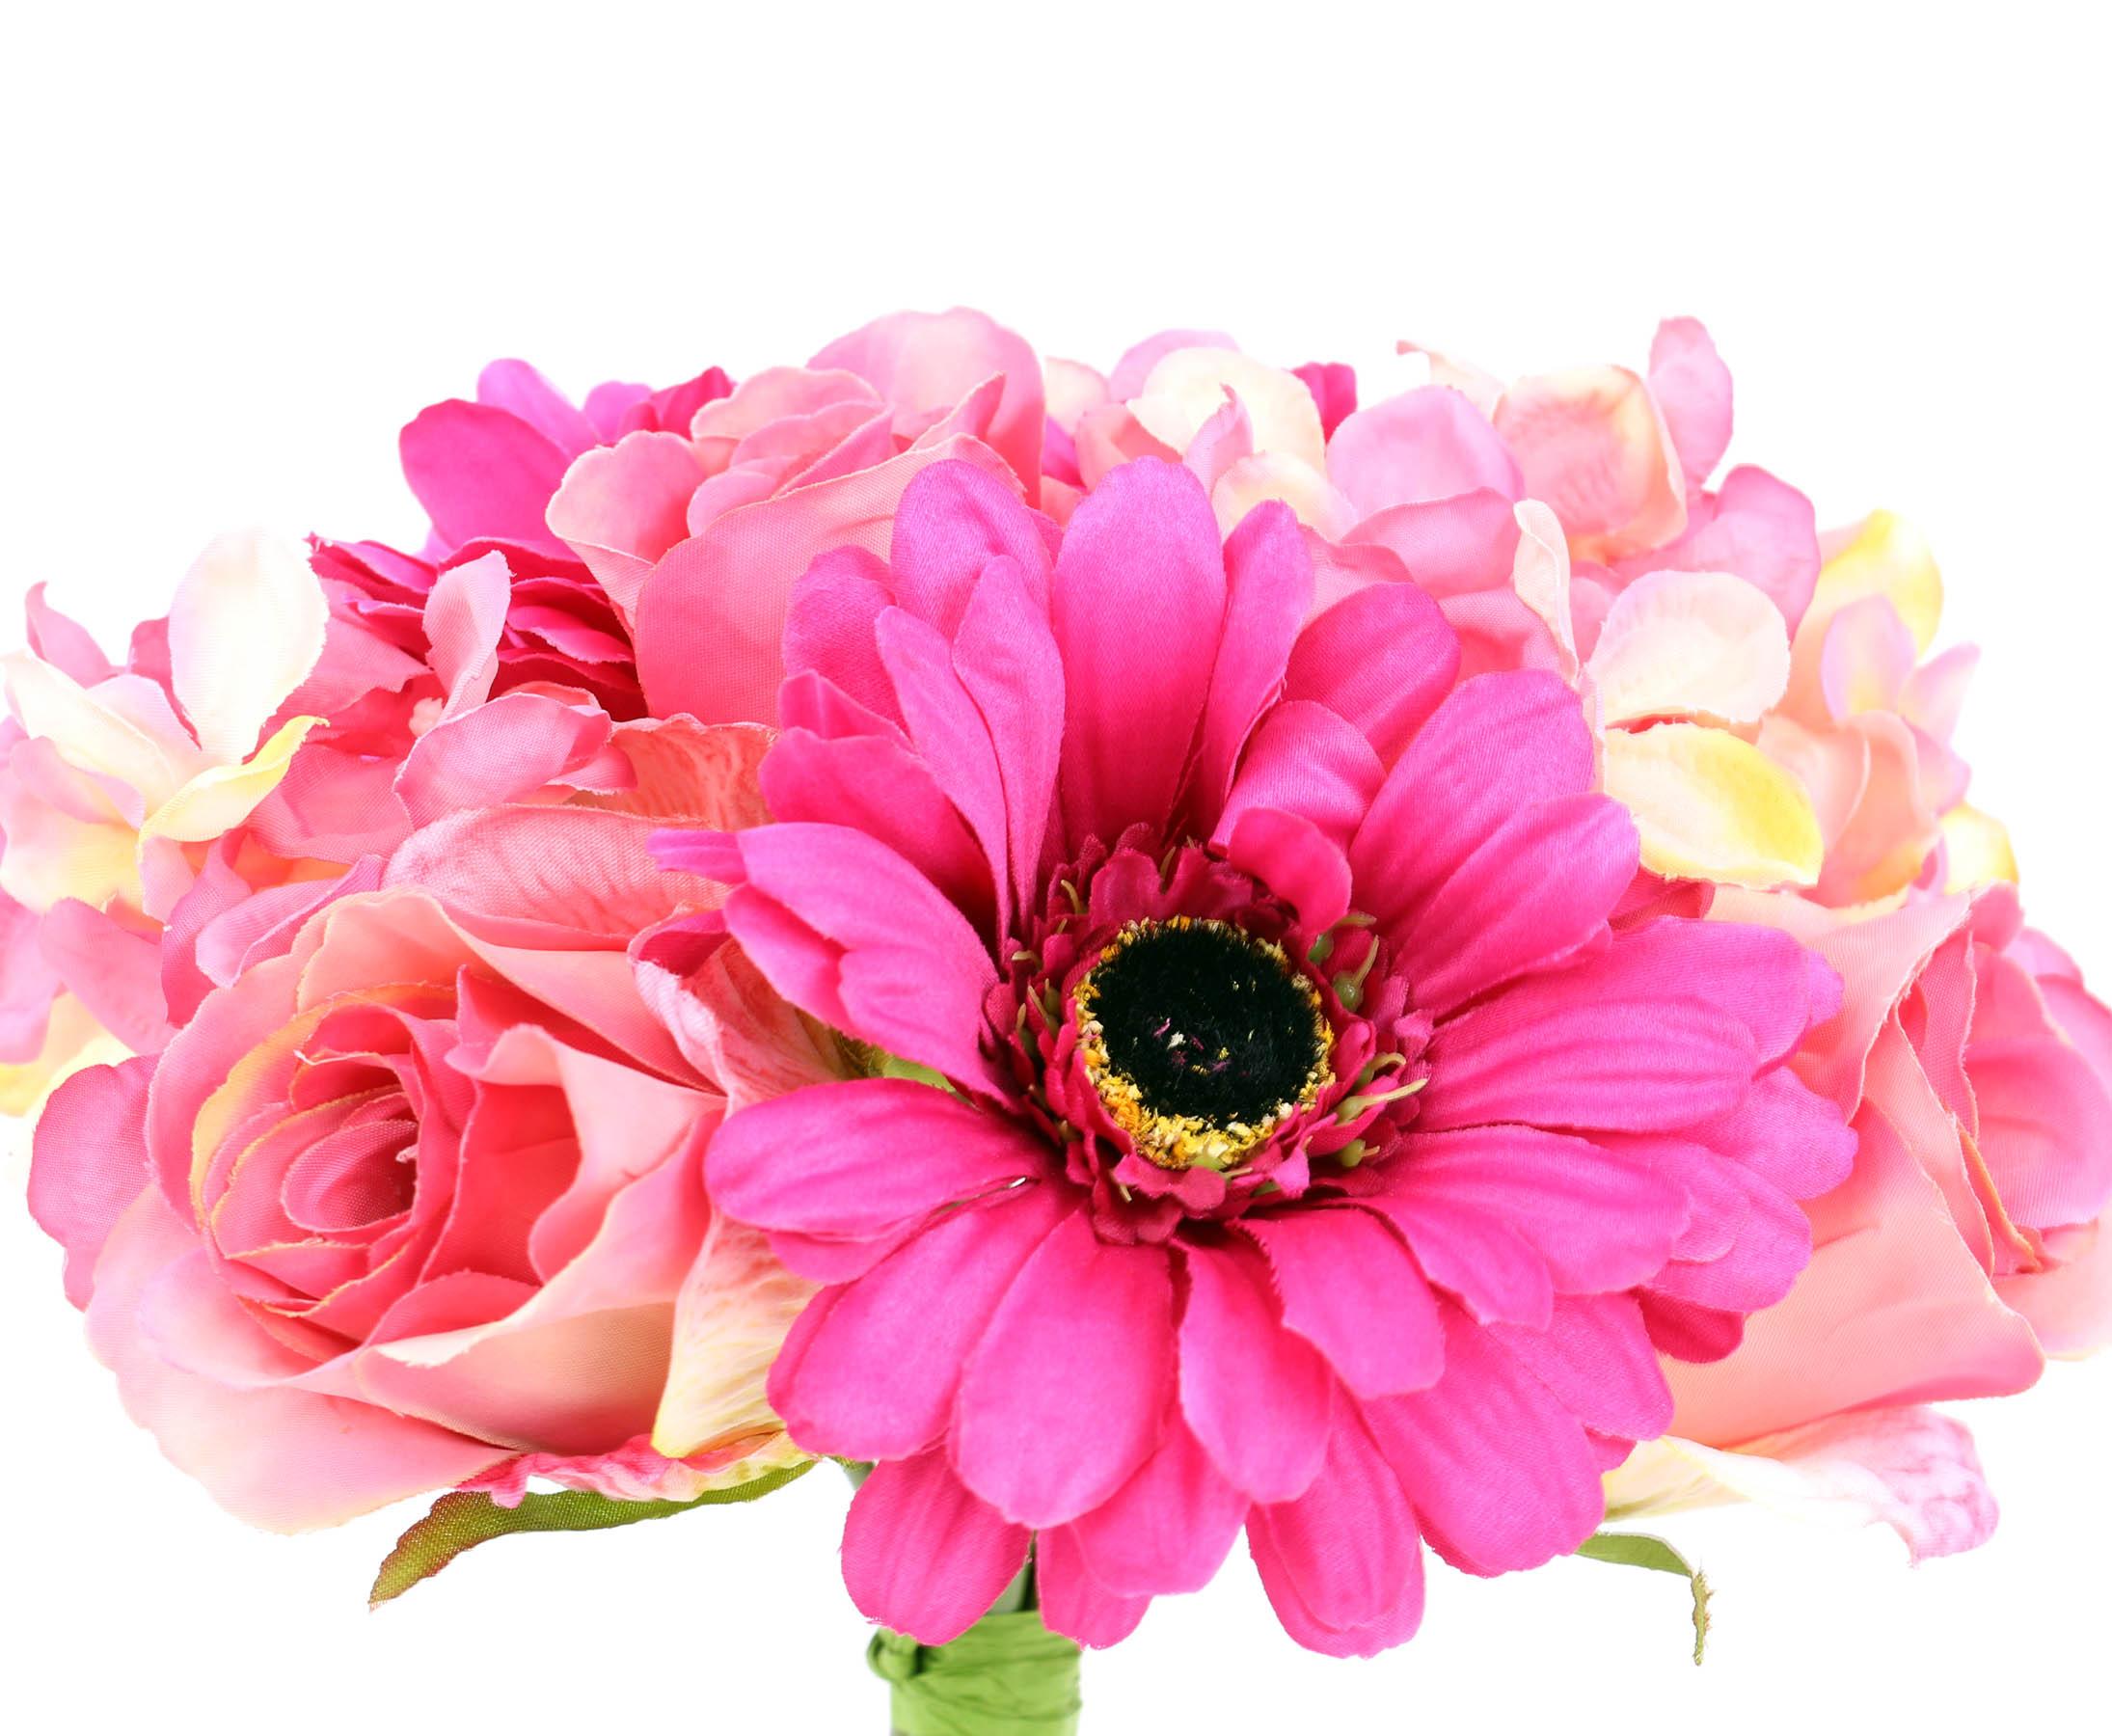 mixbouquet mit 10 kunstblumen rosa farbig online kaufen. Black Bedroom Furniture Sets. Home Design Ideas